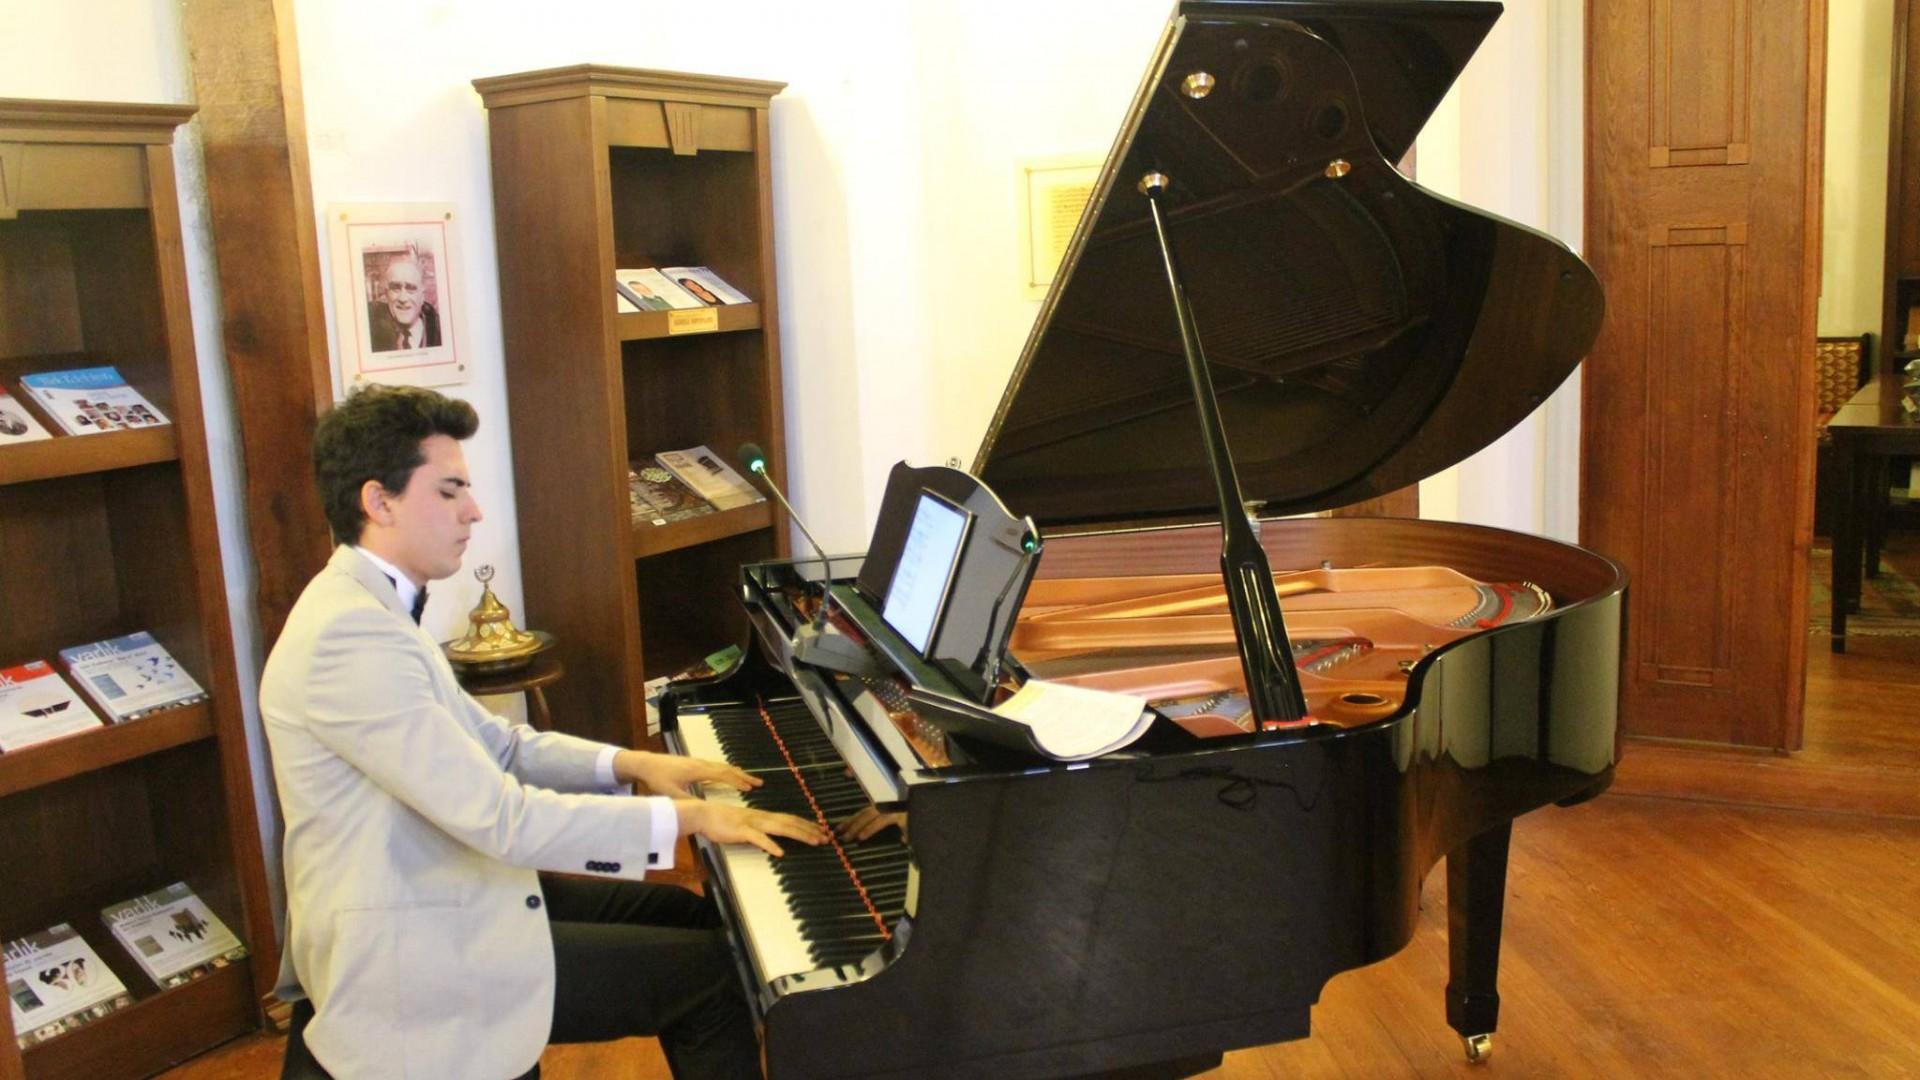 Güneş Yakartepe Kimdir Genç Şair Besteci Kısaca Ansiklopedik Piyanist Klasik Türk Sanat Müzik Piyano